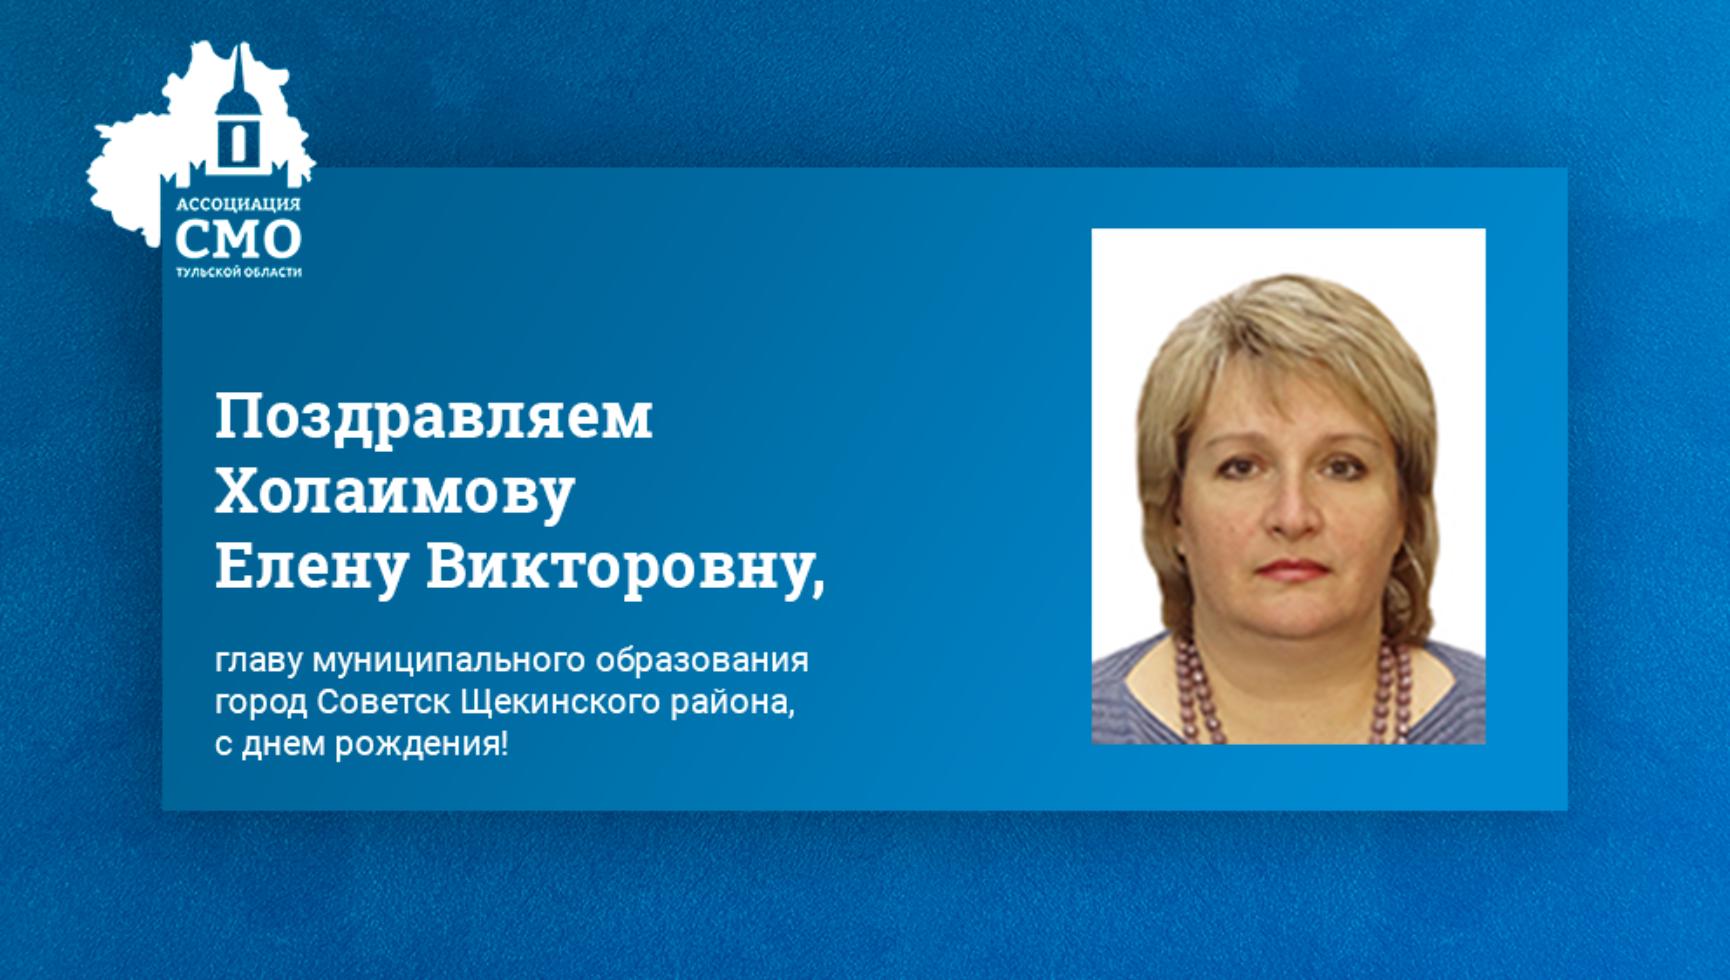 Поздравляем Холаимову Елену Викторовну, главу муниципального образования город Советск Щекинского района, с днем рождения!